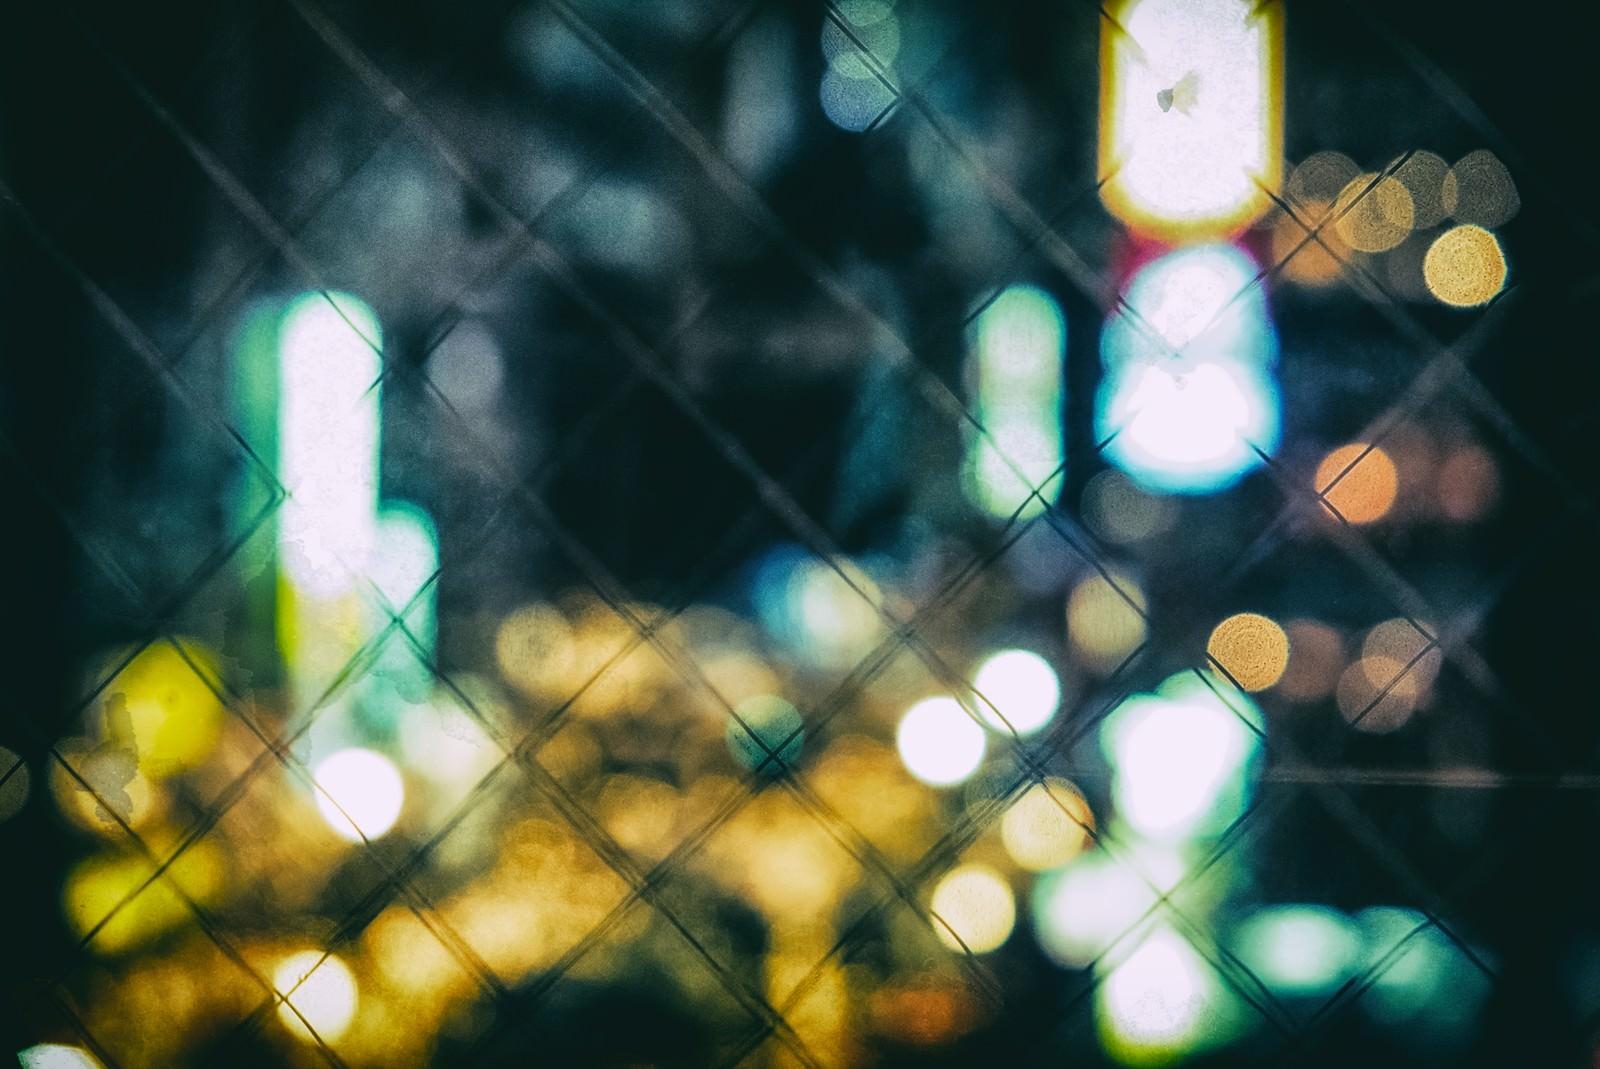 「フェンスとボケた繁華街フェンスとボケた繁華街」のフリー写真素材を拡大